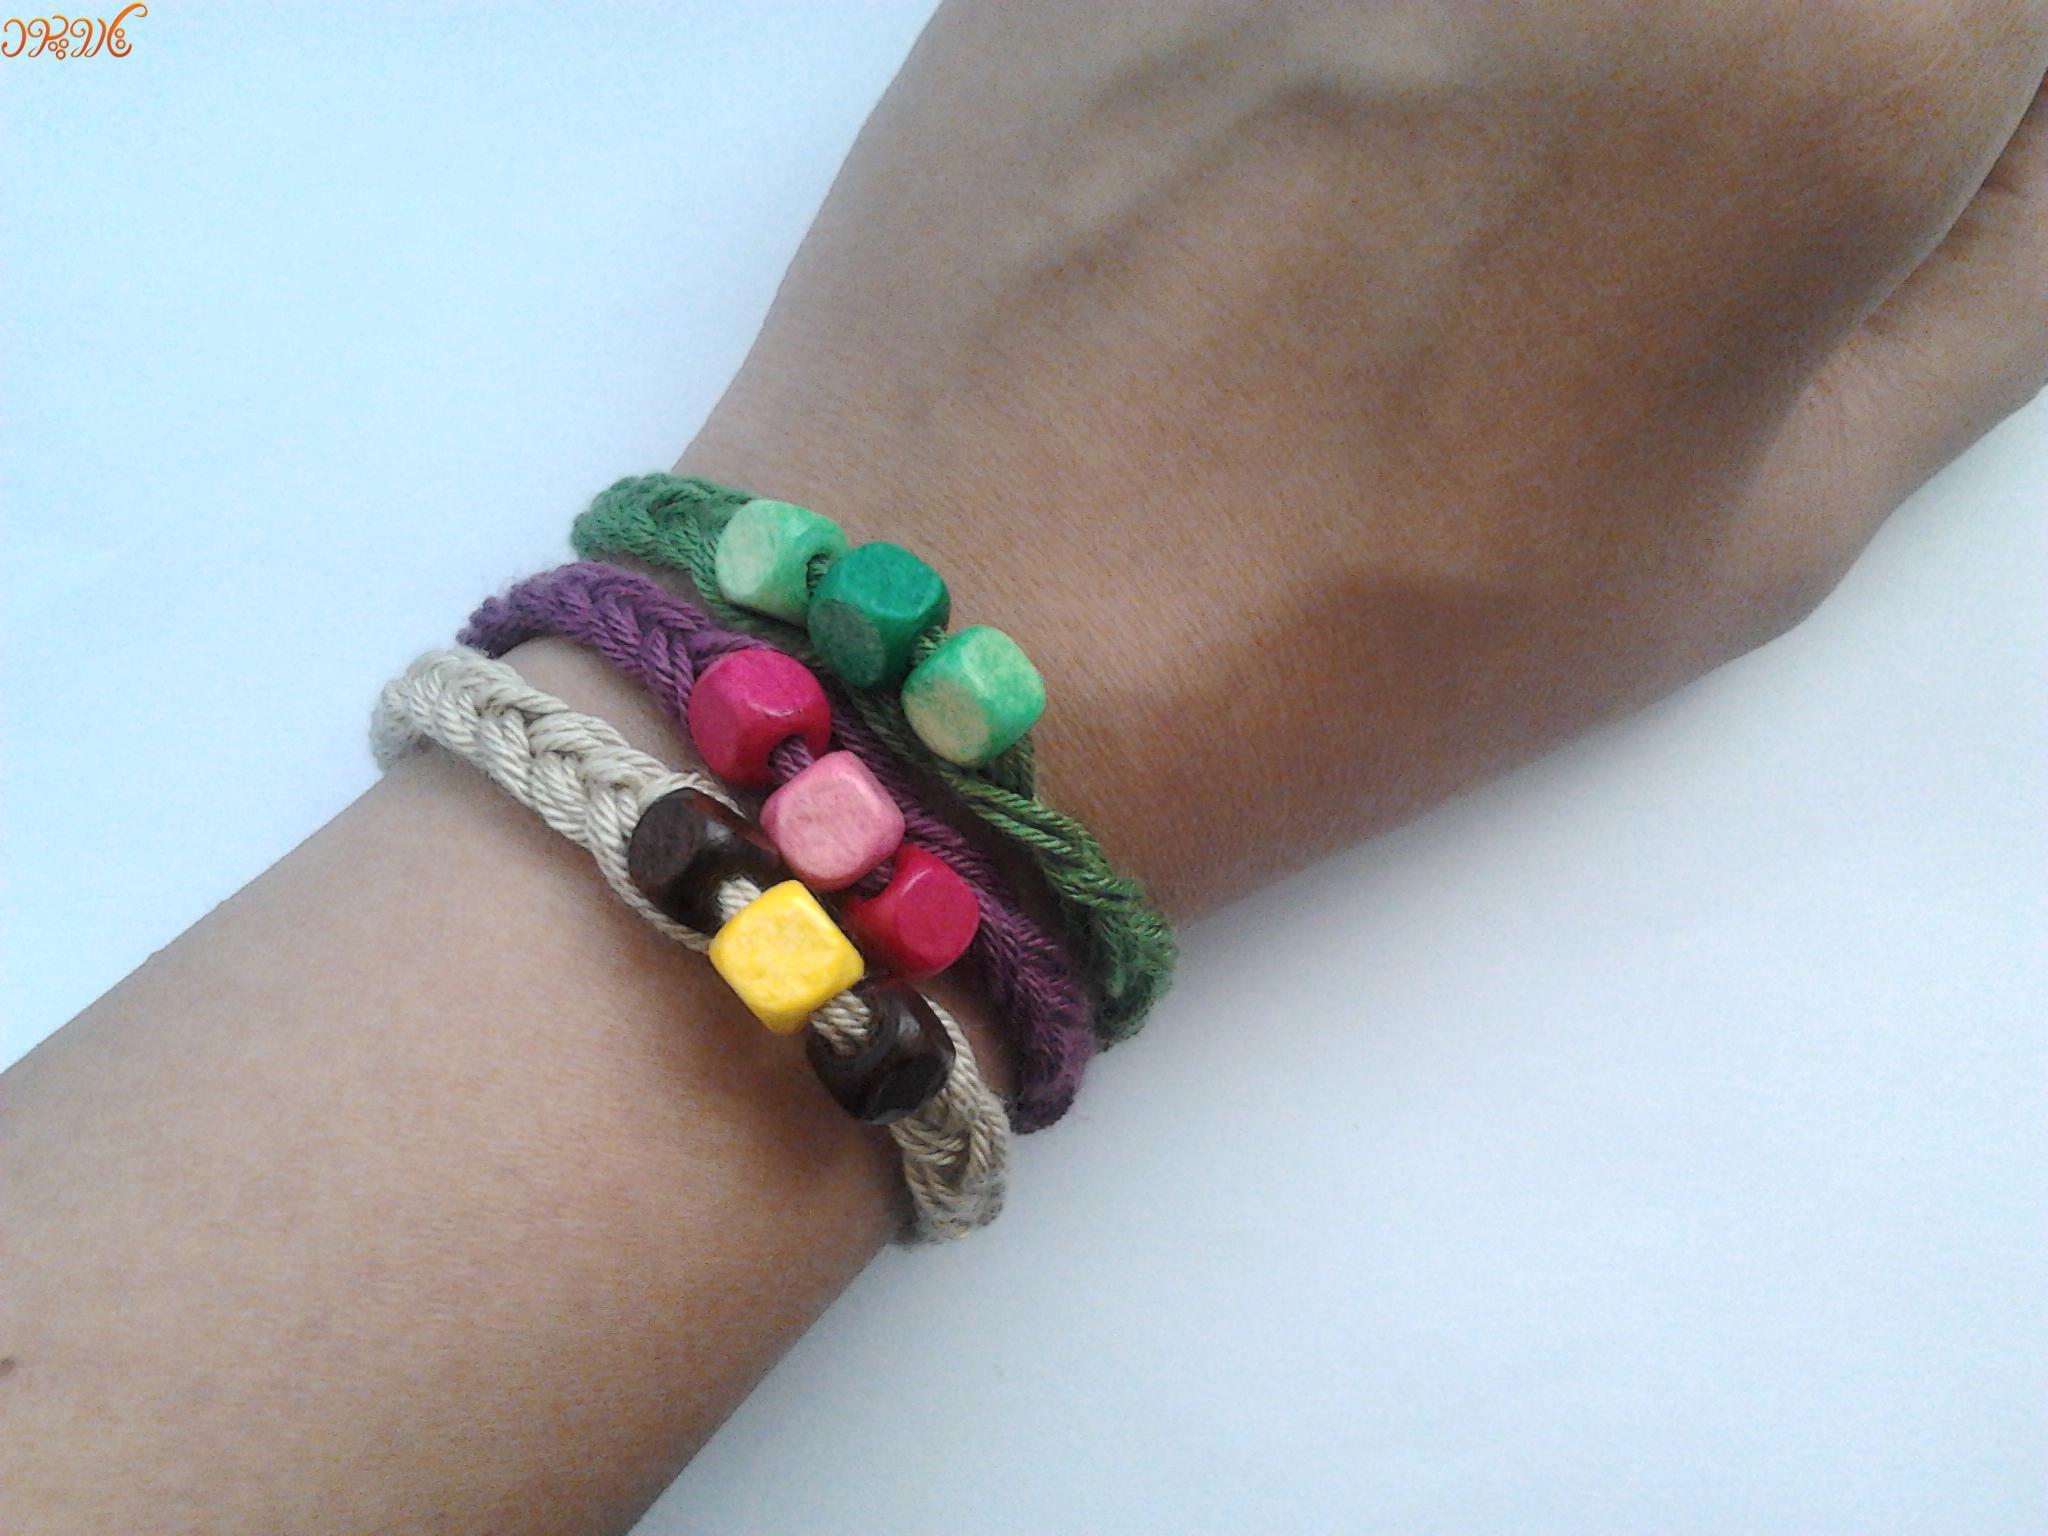 آموزش بافت دستبند ساده و زیبا با مهره